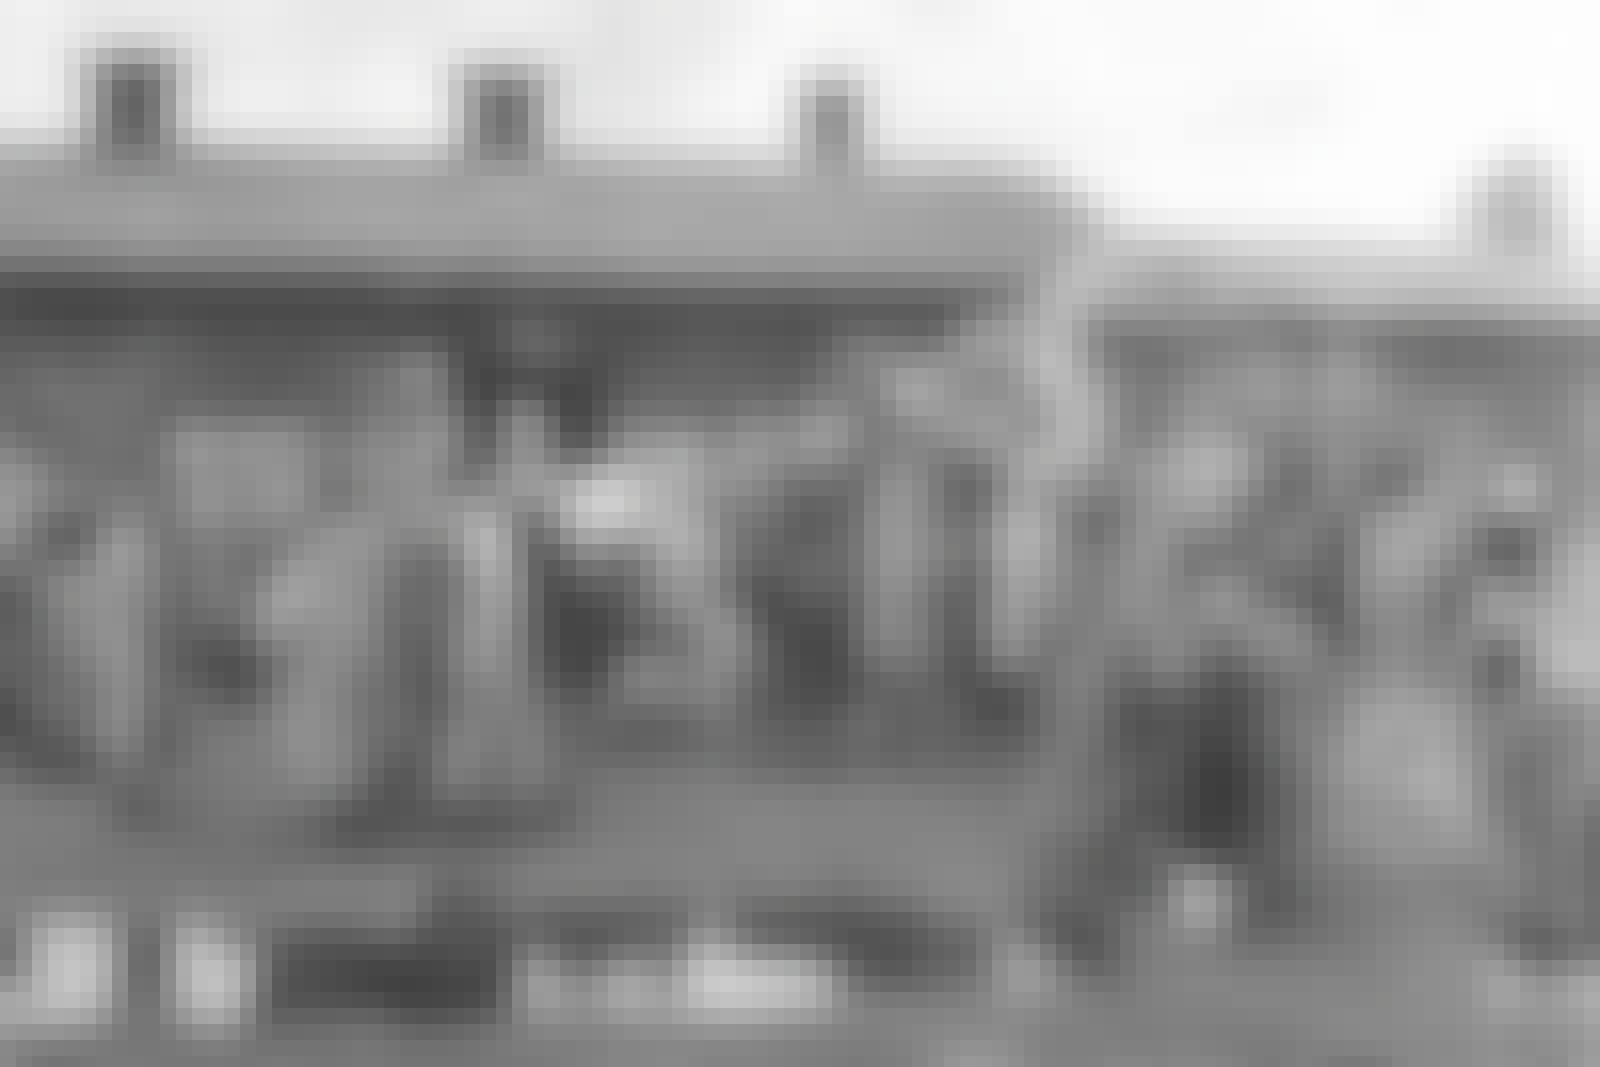 Koncentrationsläger Bergen Belsen